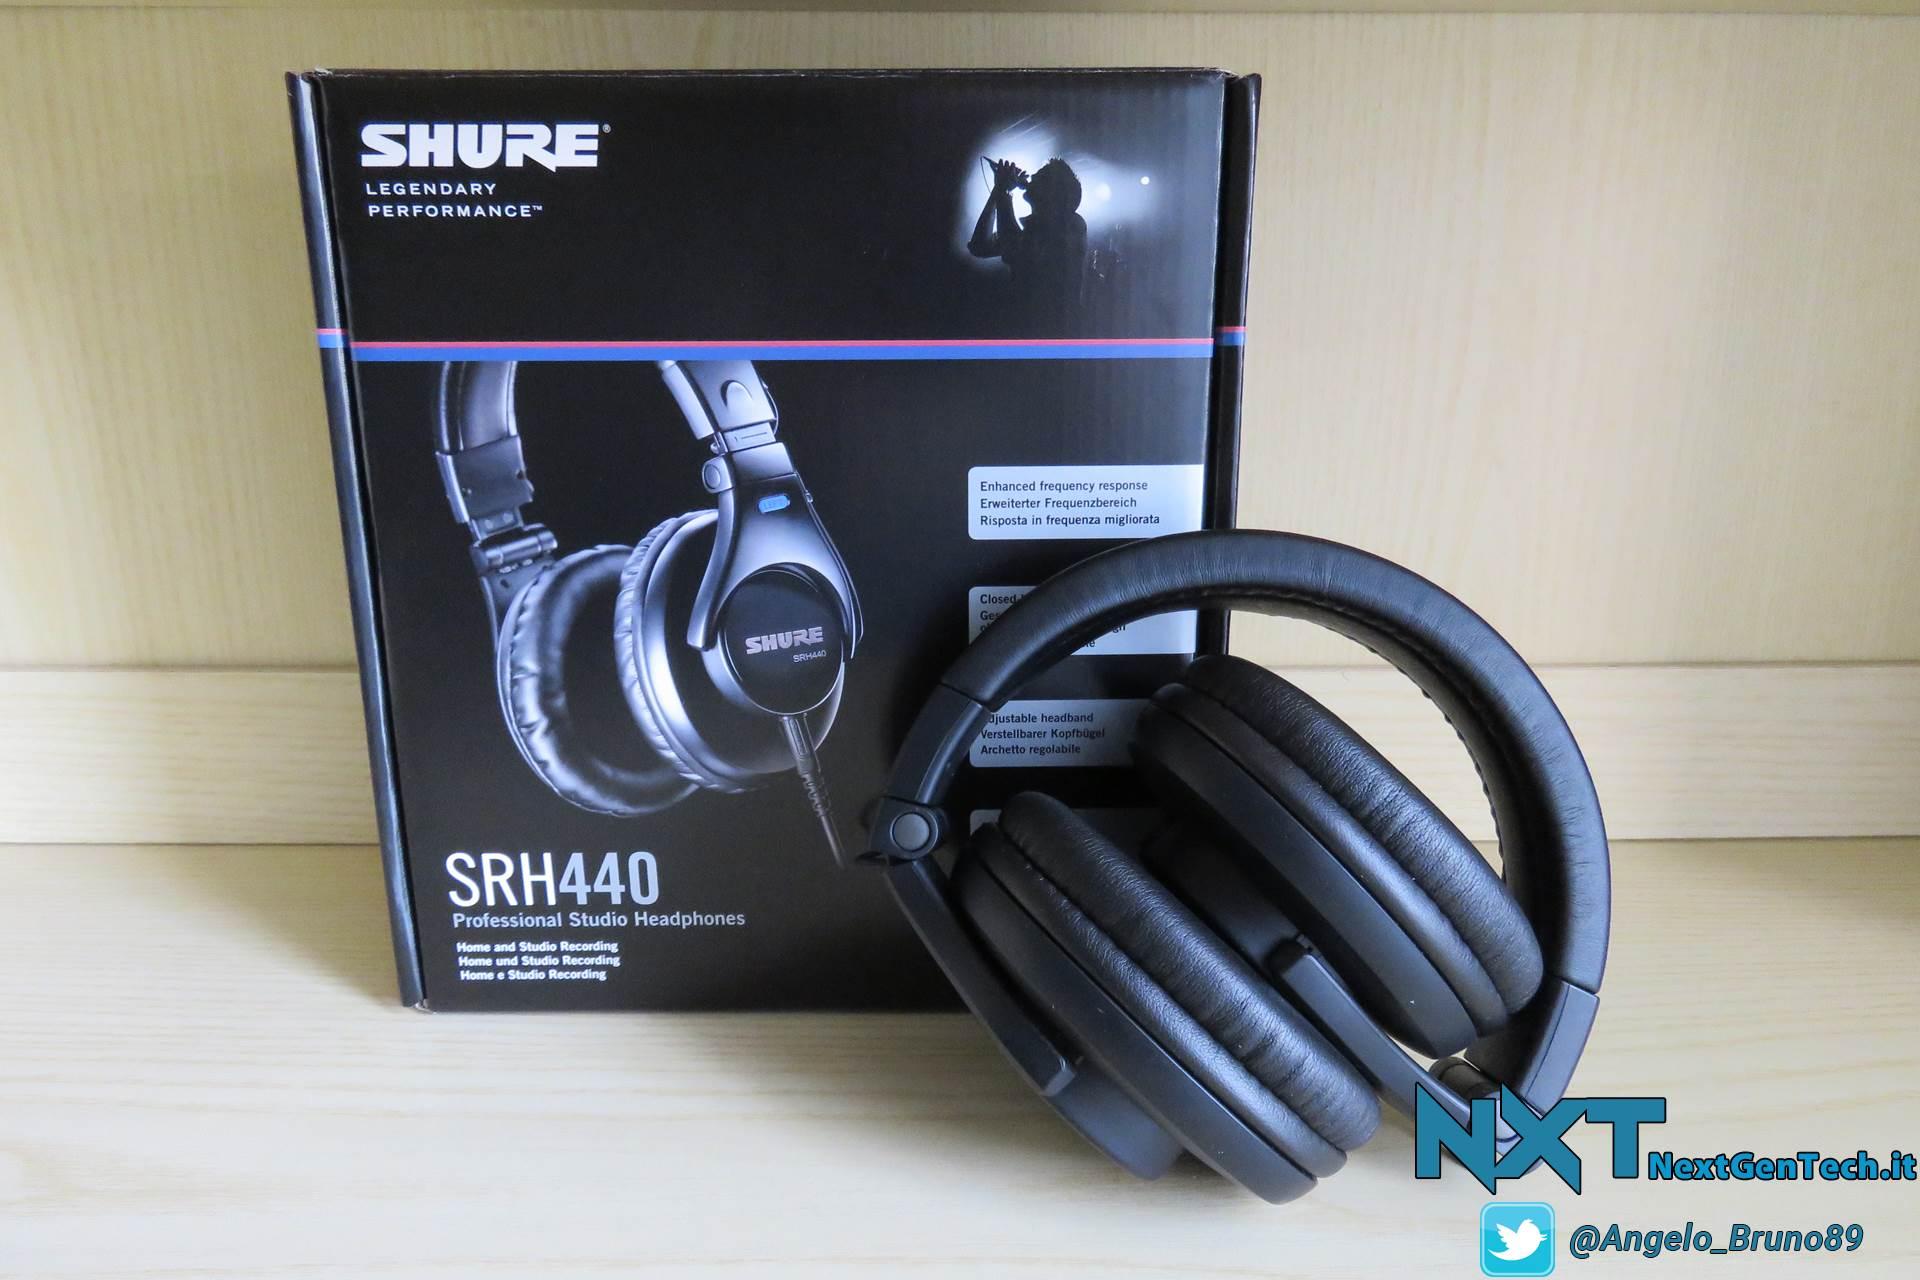 shure_srh440 (1)